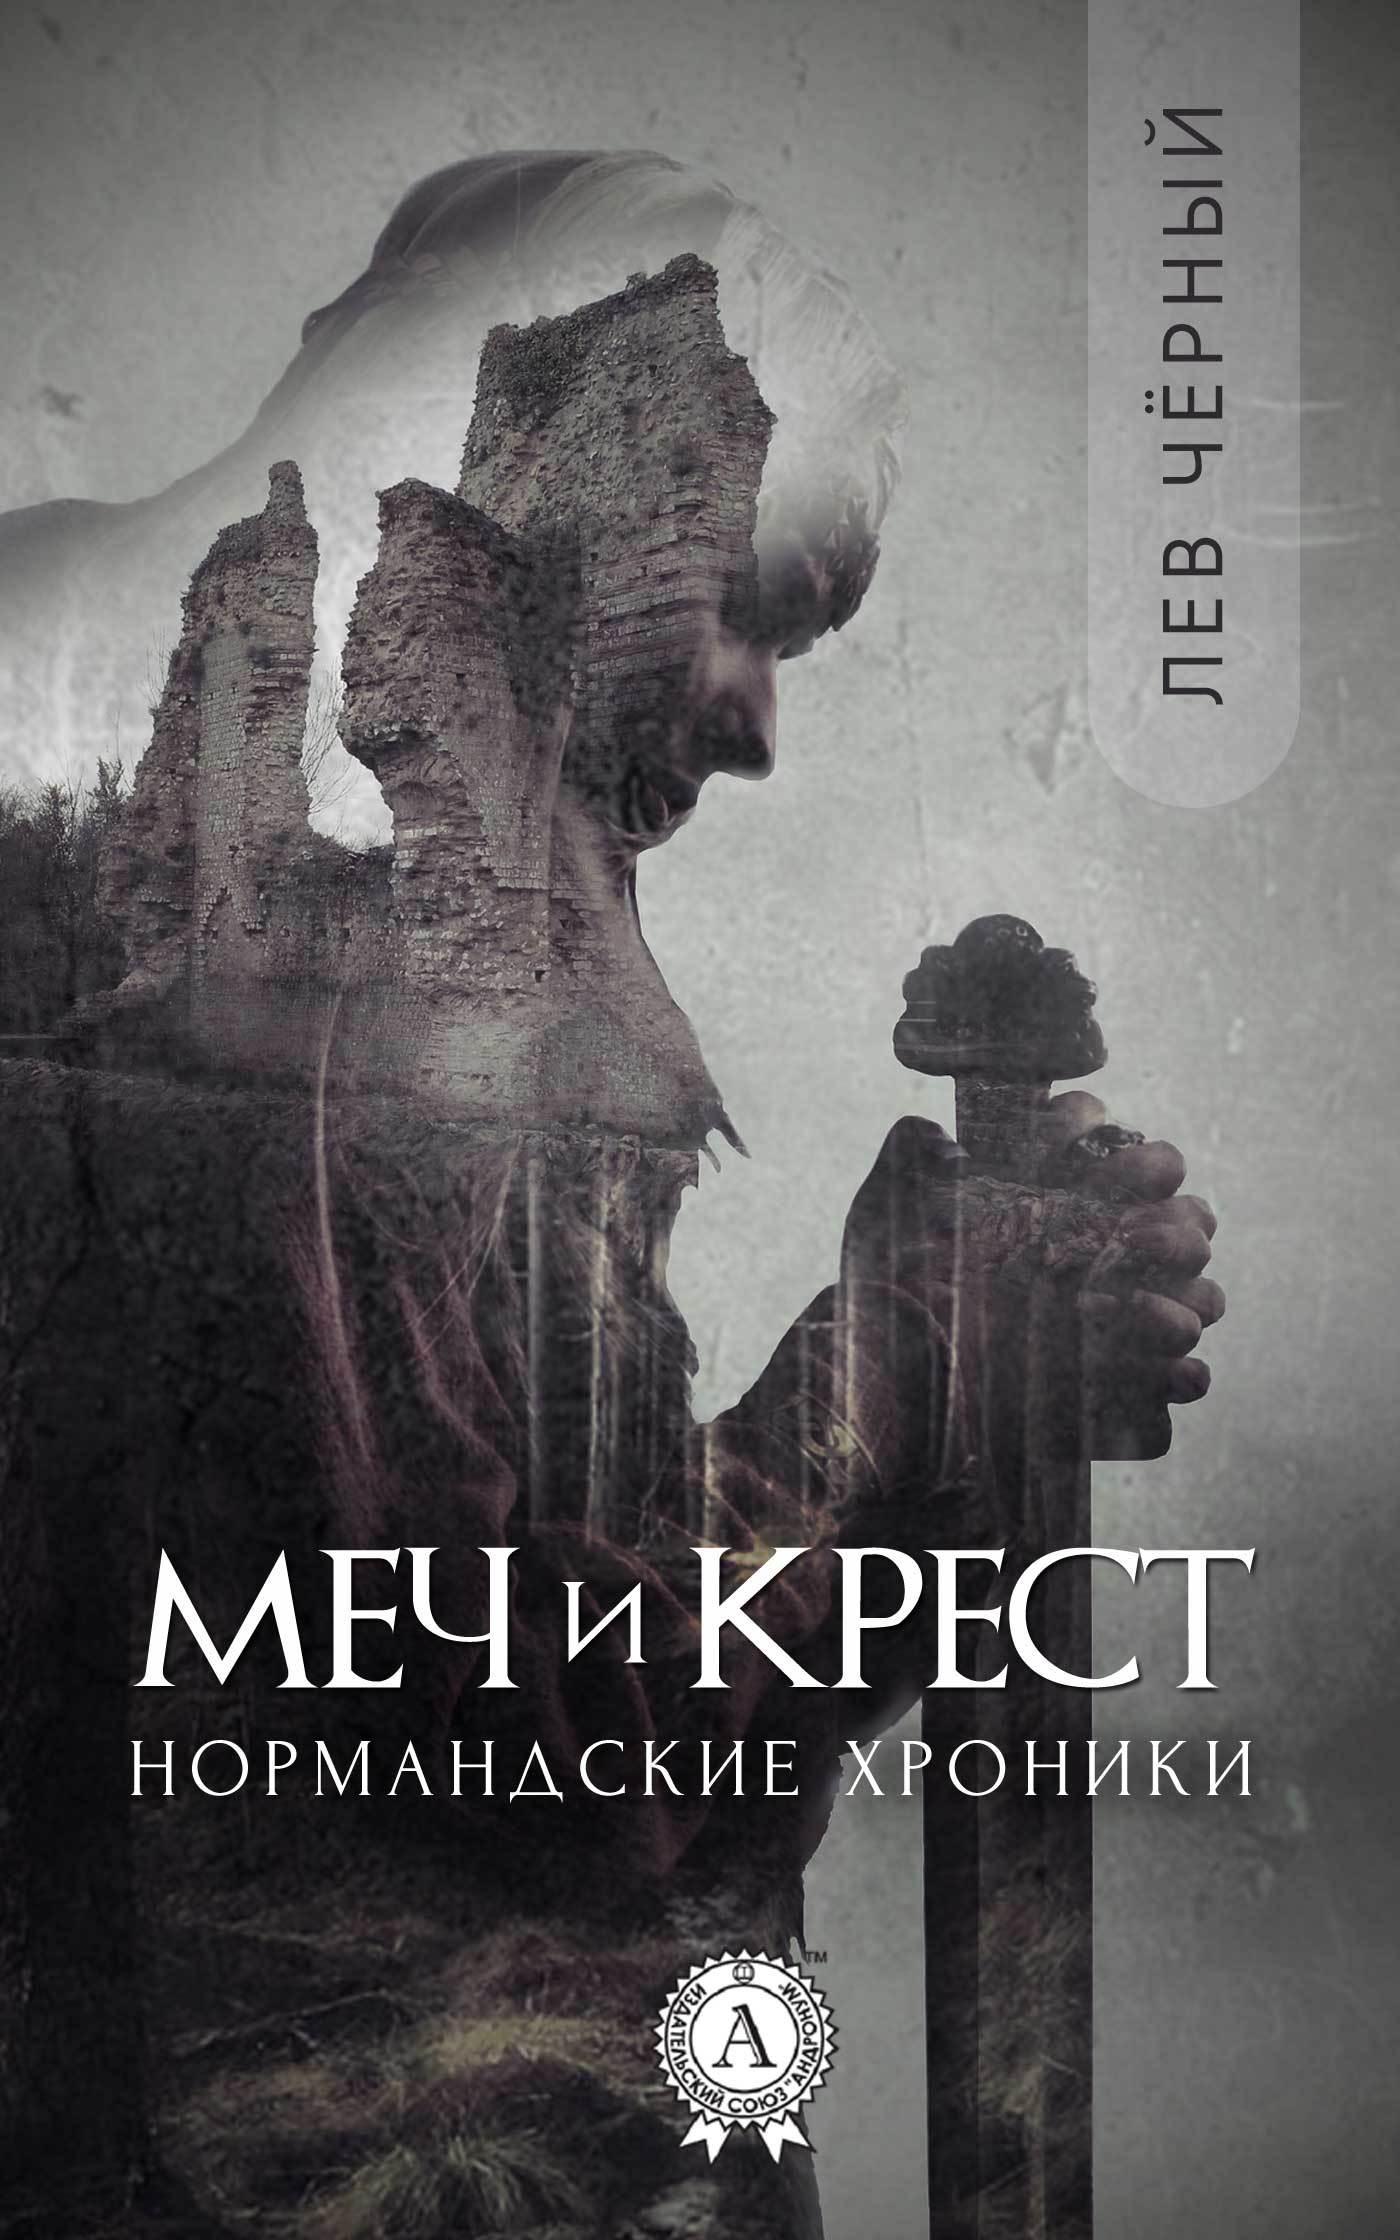 купить Чёрный Лев Меч и Крест по цене 149 рублей